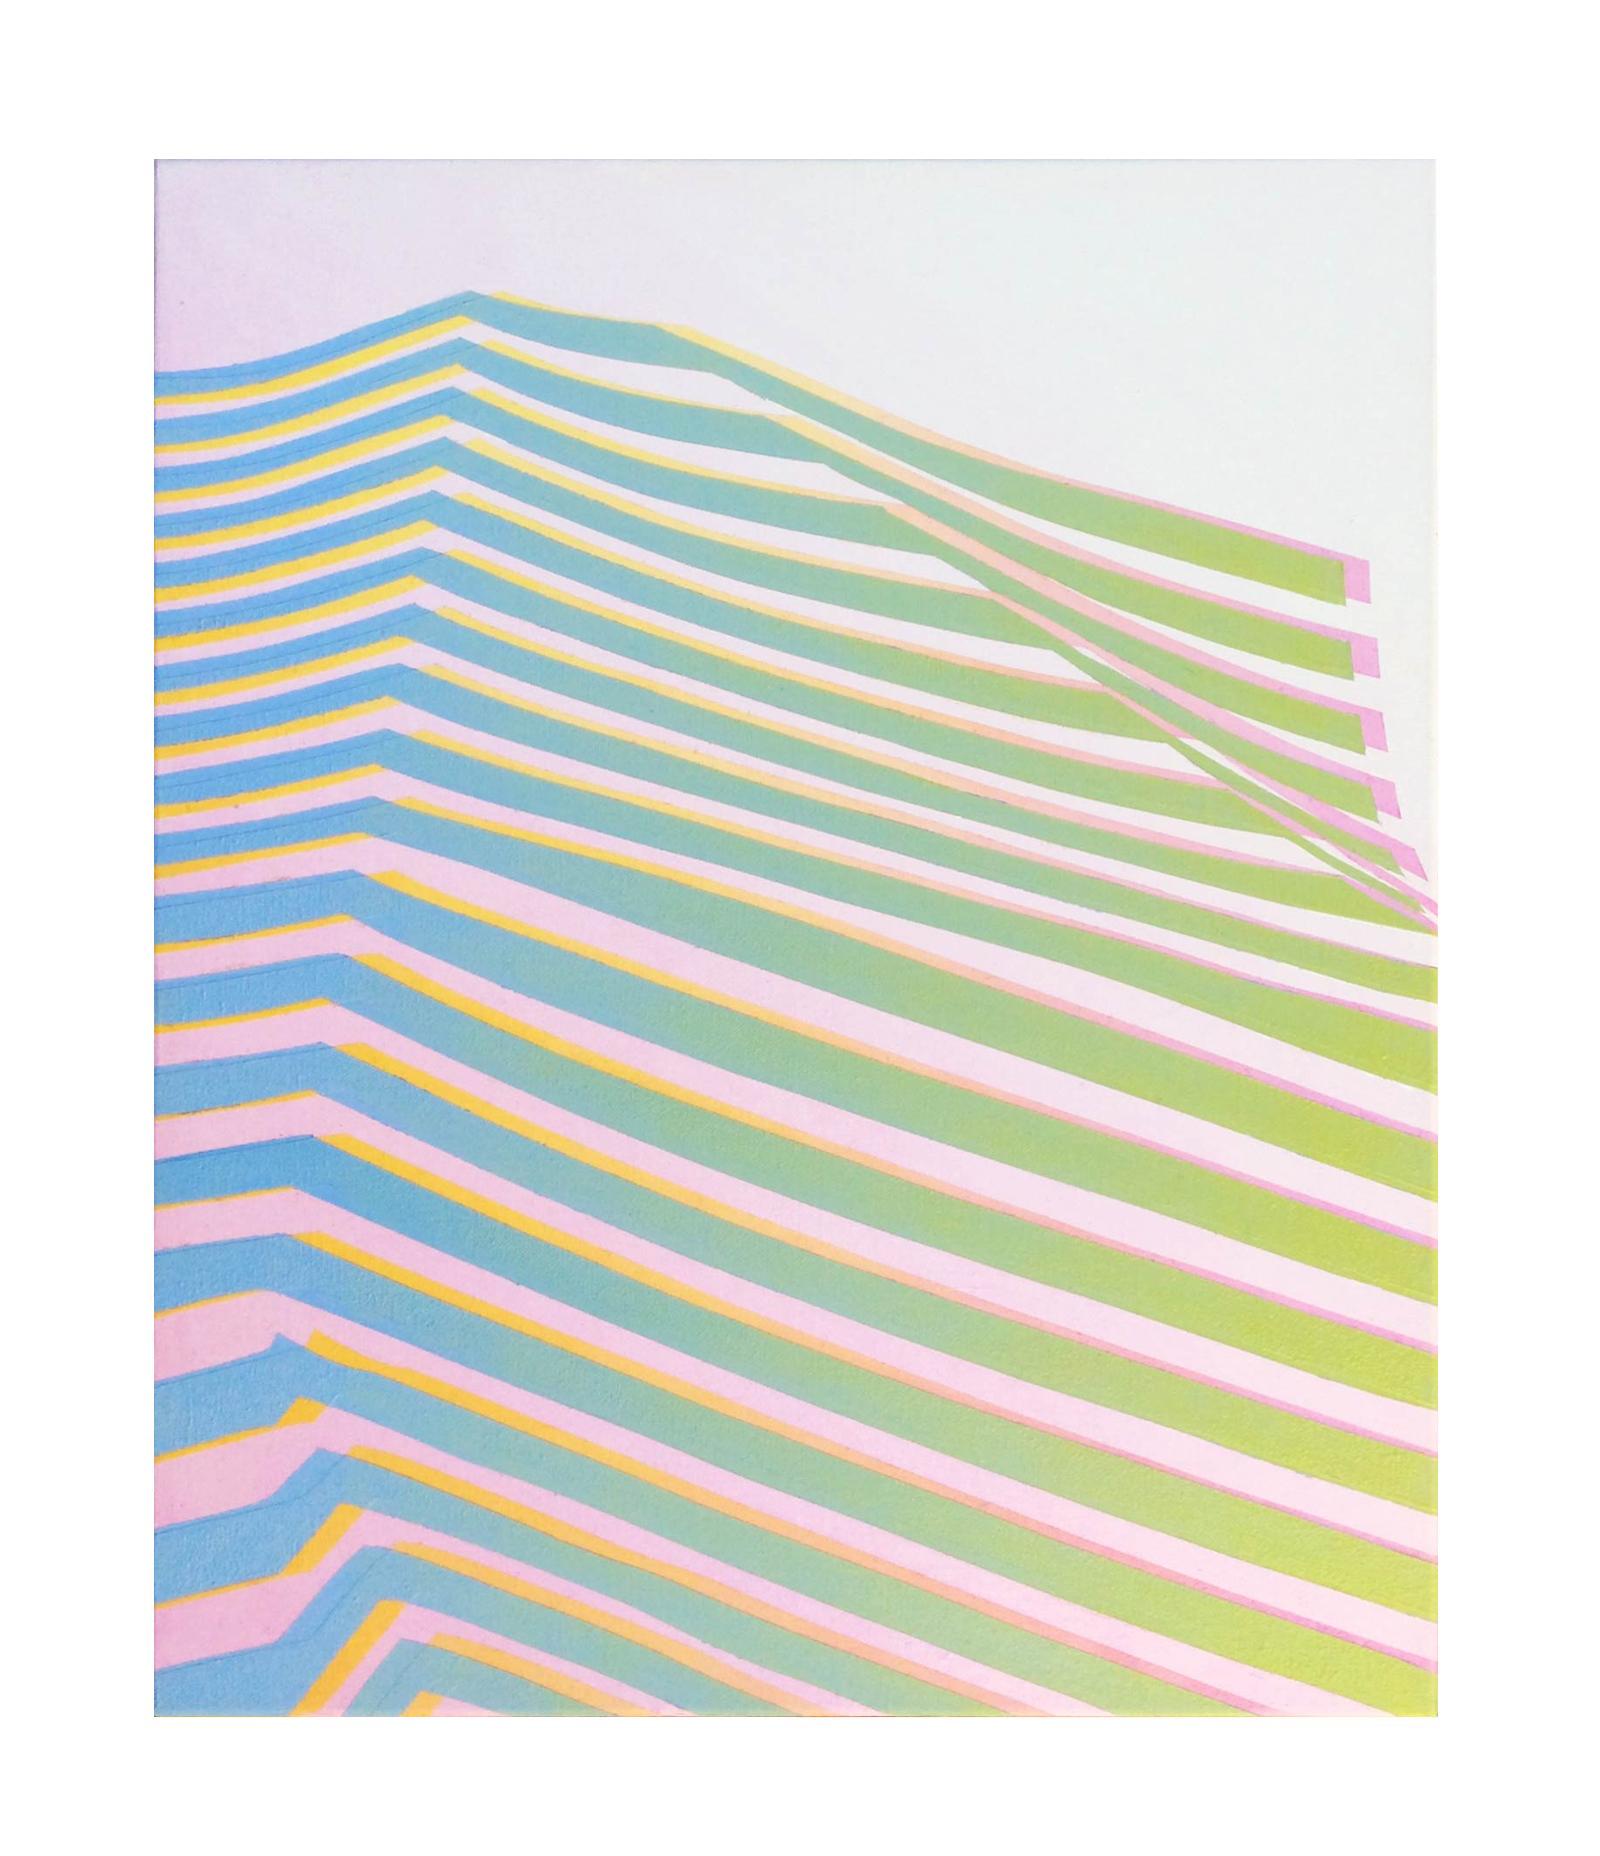 acrylique sur toile 50 x 61 cm